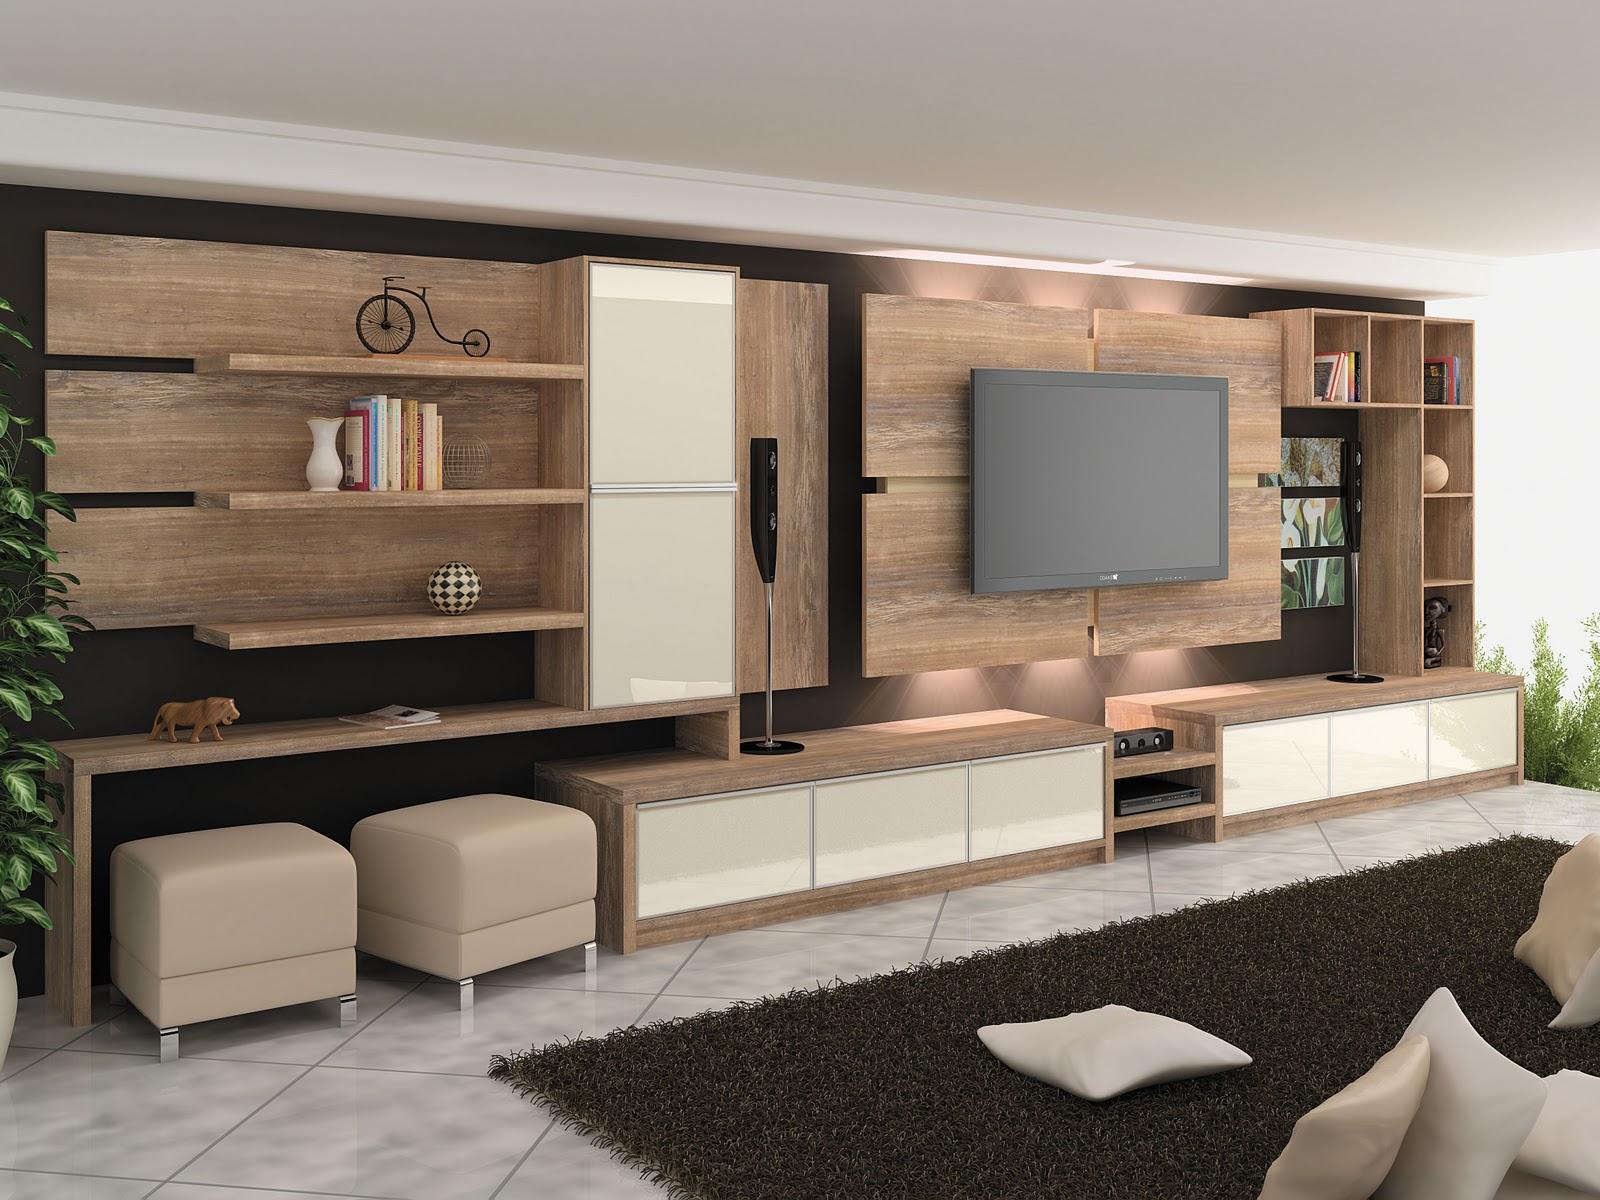 Imagens De Sala De Estar Planejada ~ para que você possa ter uma ideia para decorar a sua própria sala de